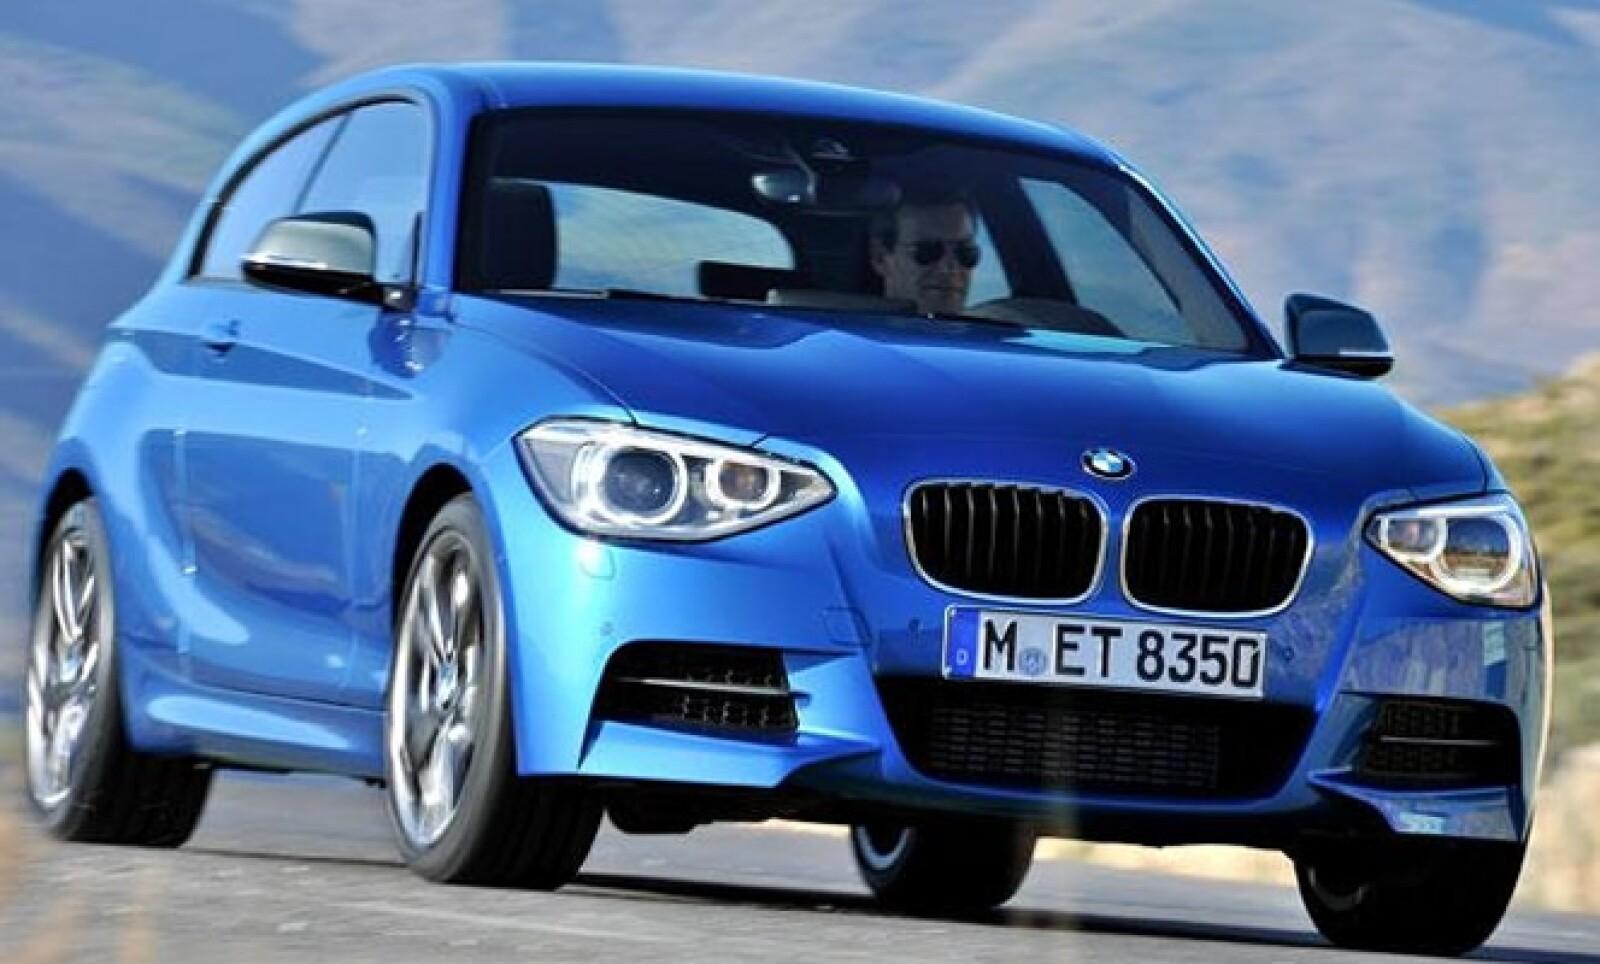 La firma no detalló el precio de este vehículo ni en qué mercados estará disponible.